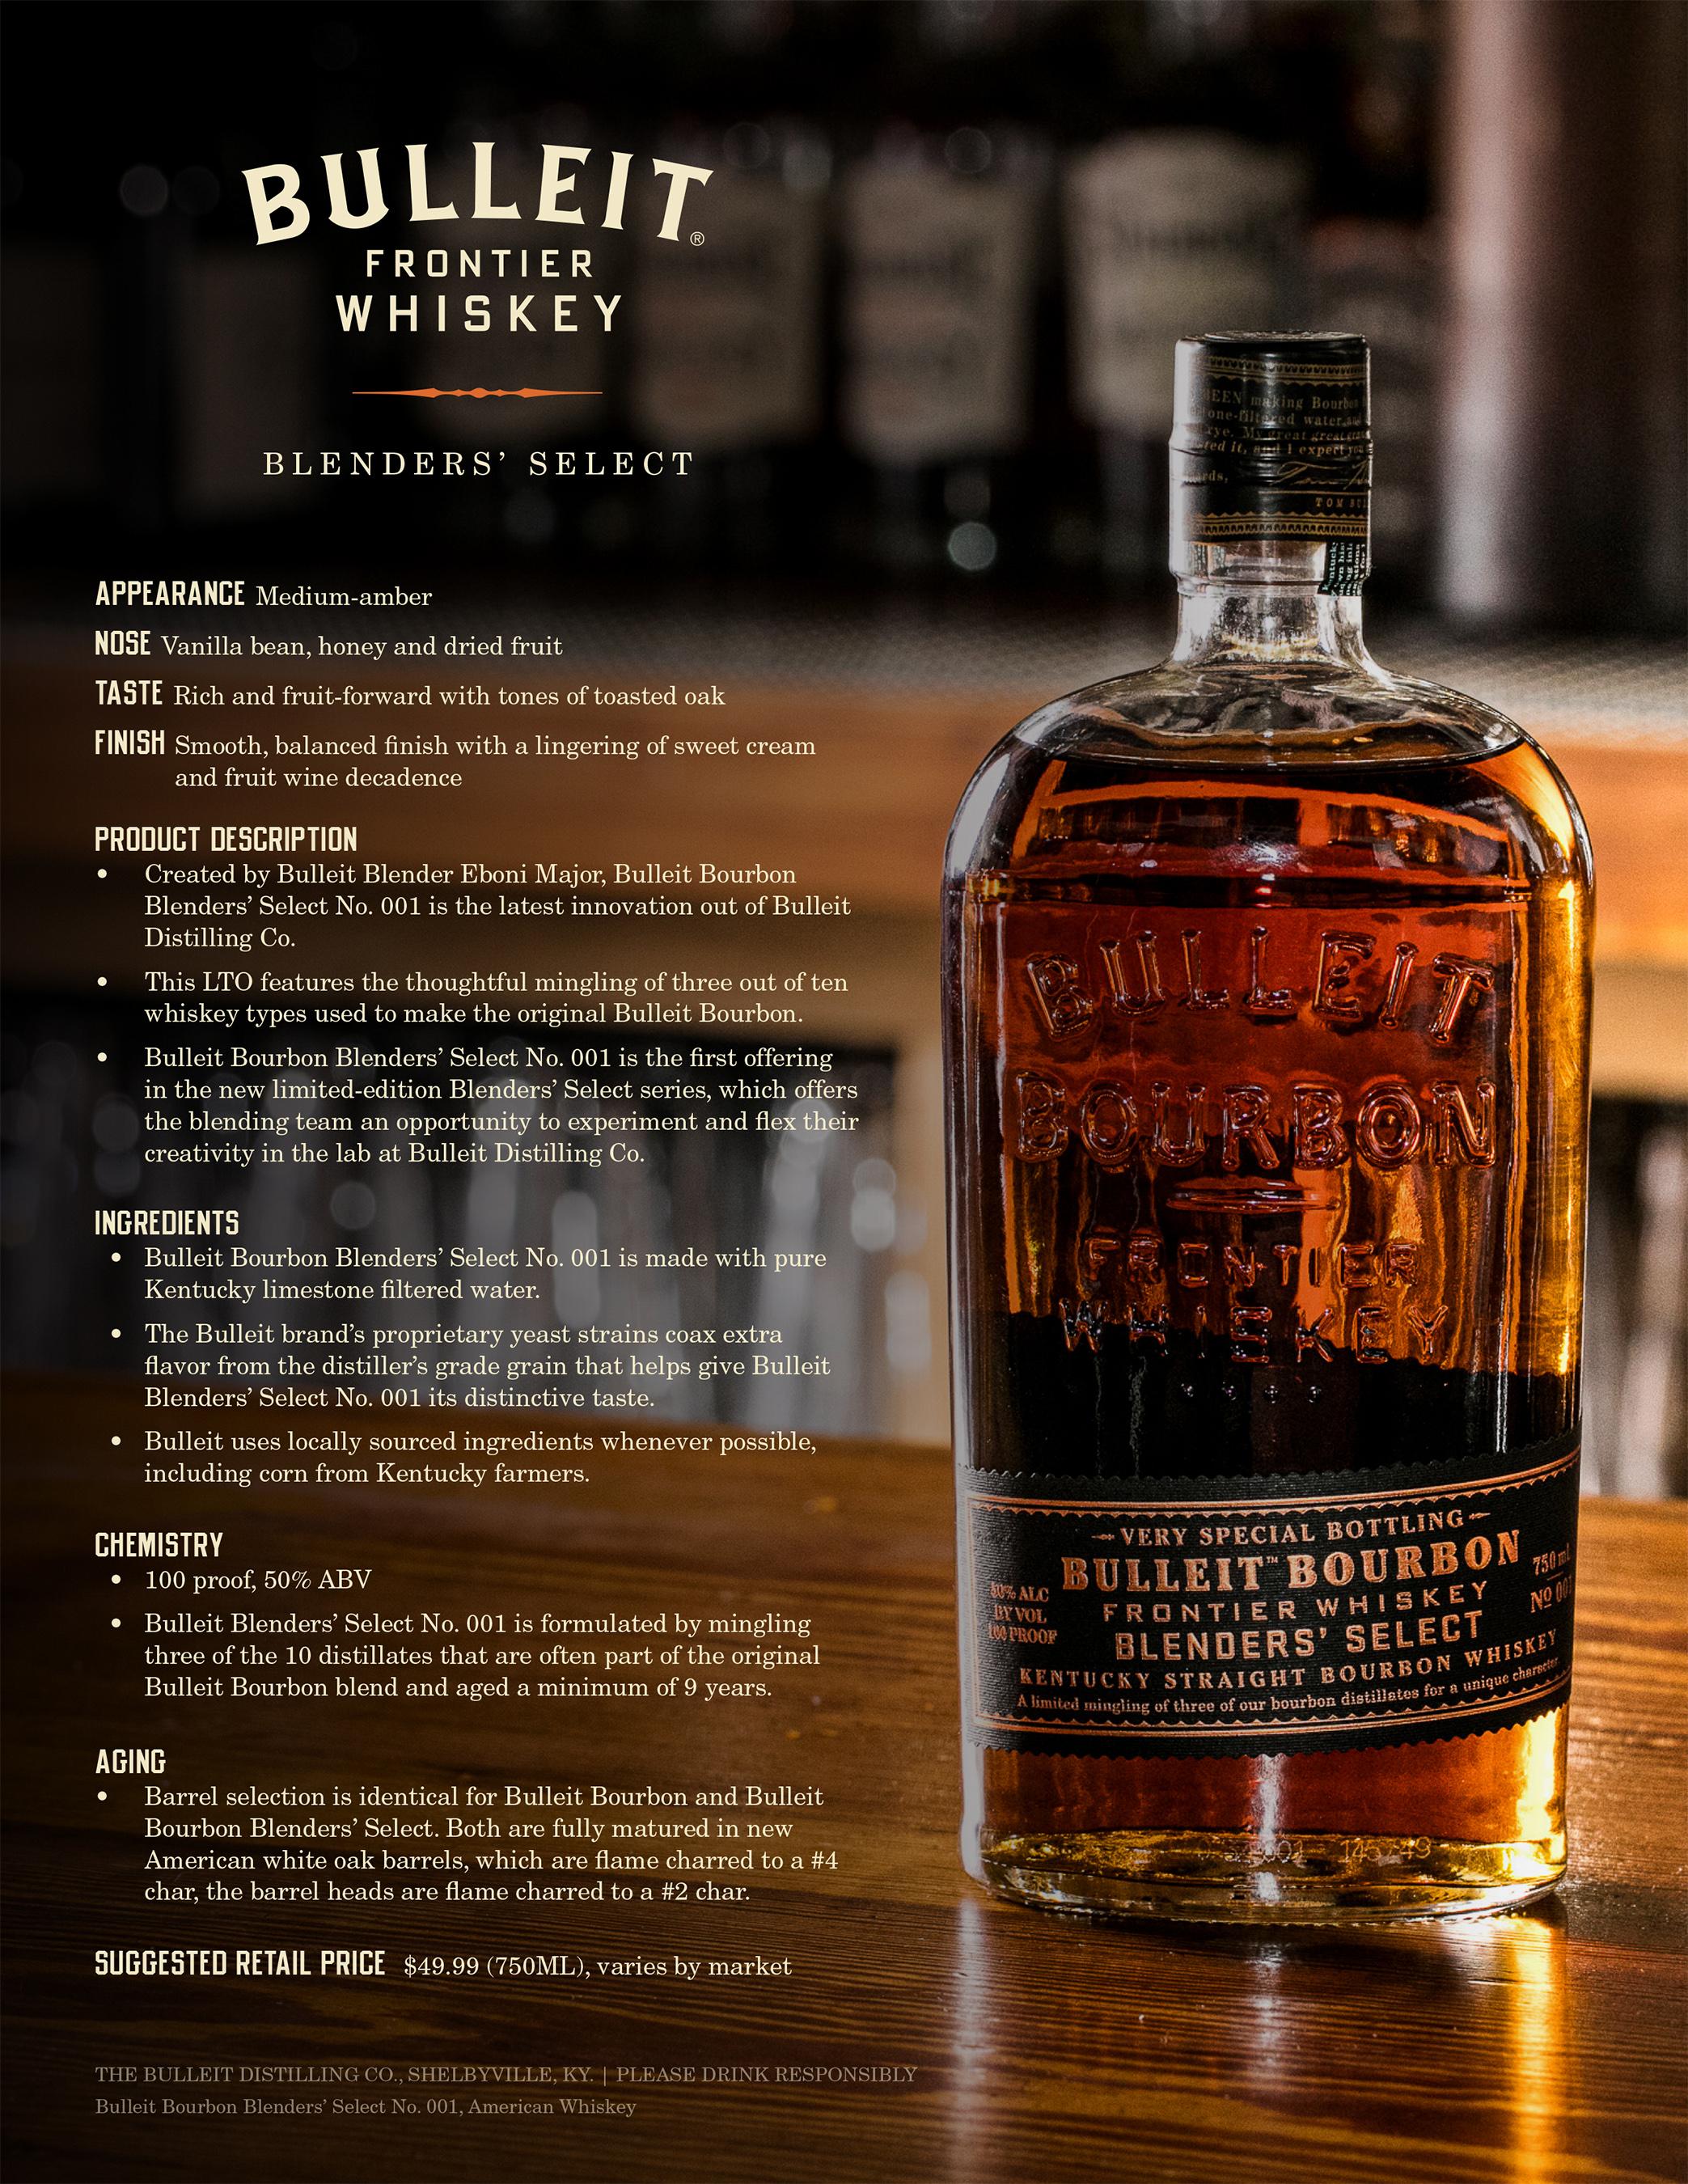 Bulleit Bourbon Blenders' Select No. 001 - Fact Sheet